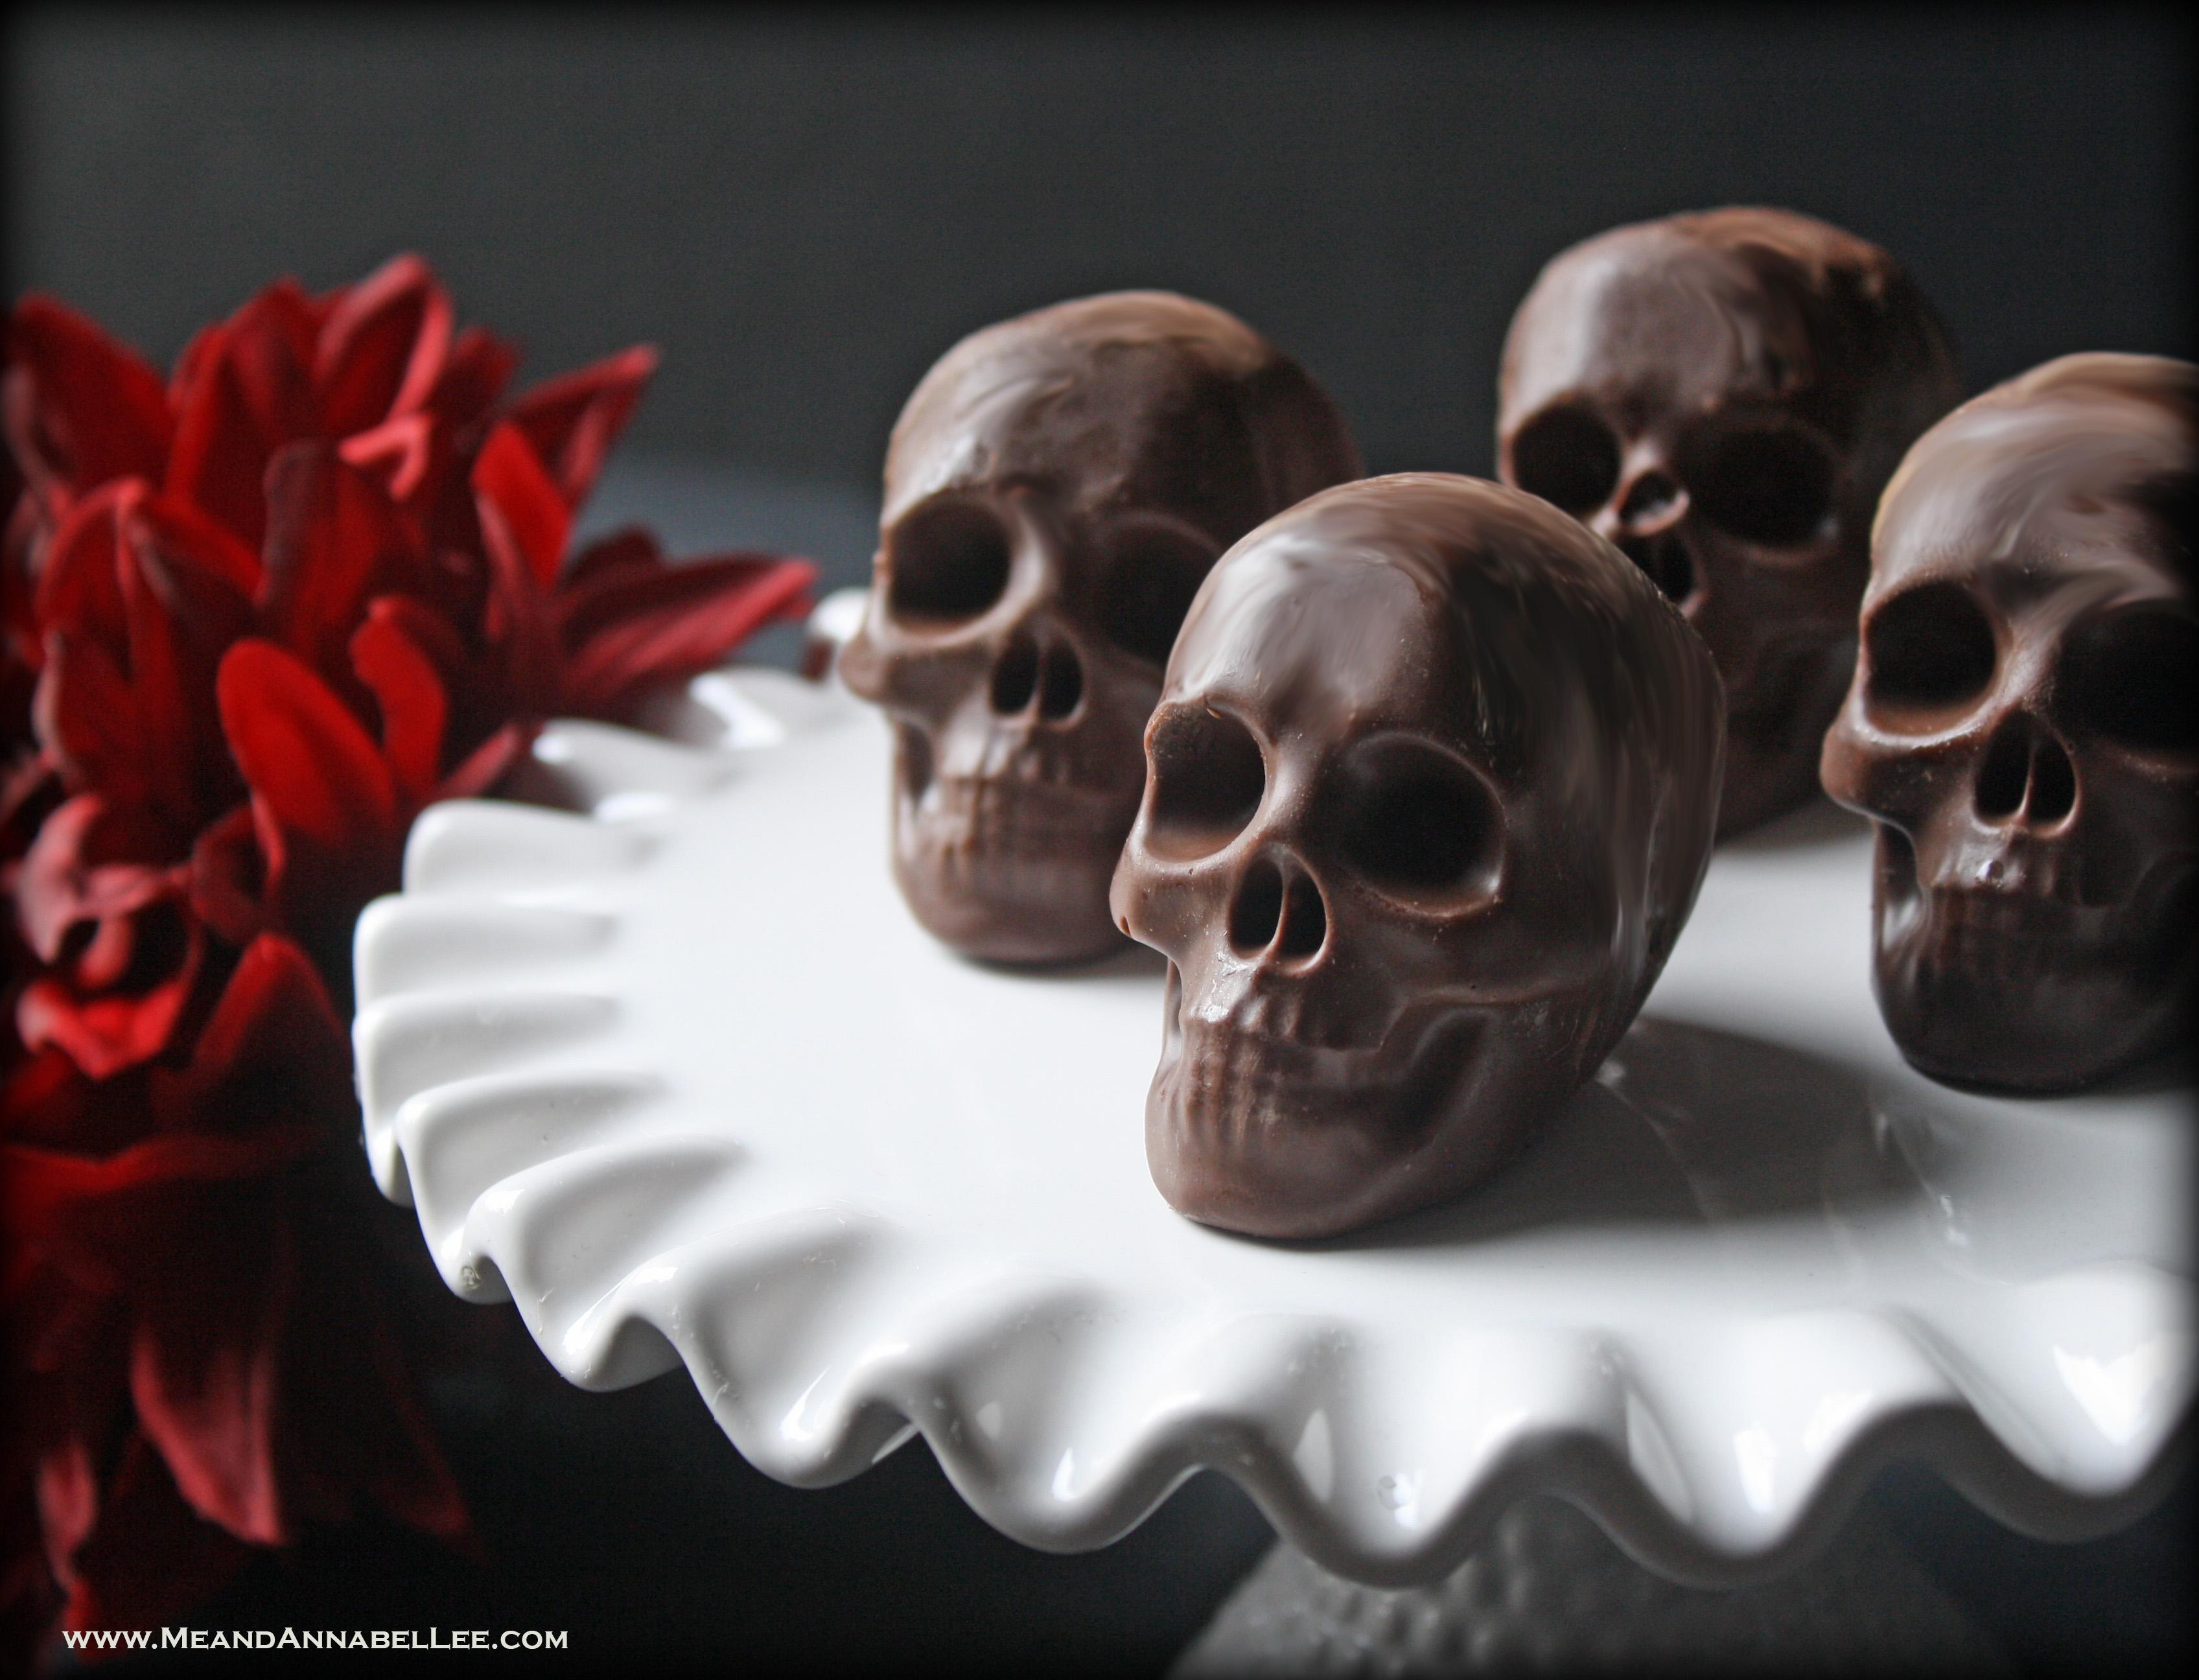 Raspberry Filled Dark Chocolate Skulls   Dark Valentine   Halloween Treats   Gothic Baking   www.MeandAnnabelLee.com